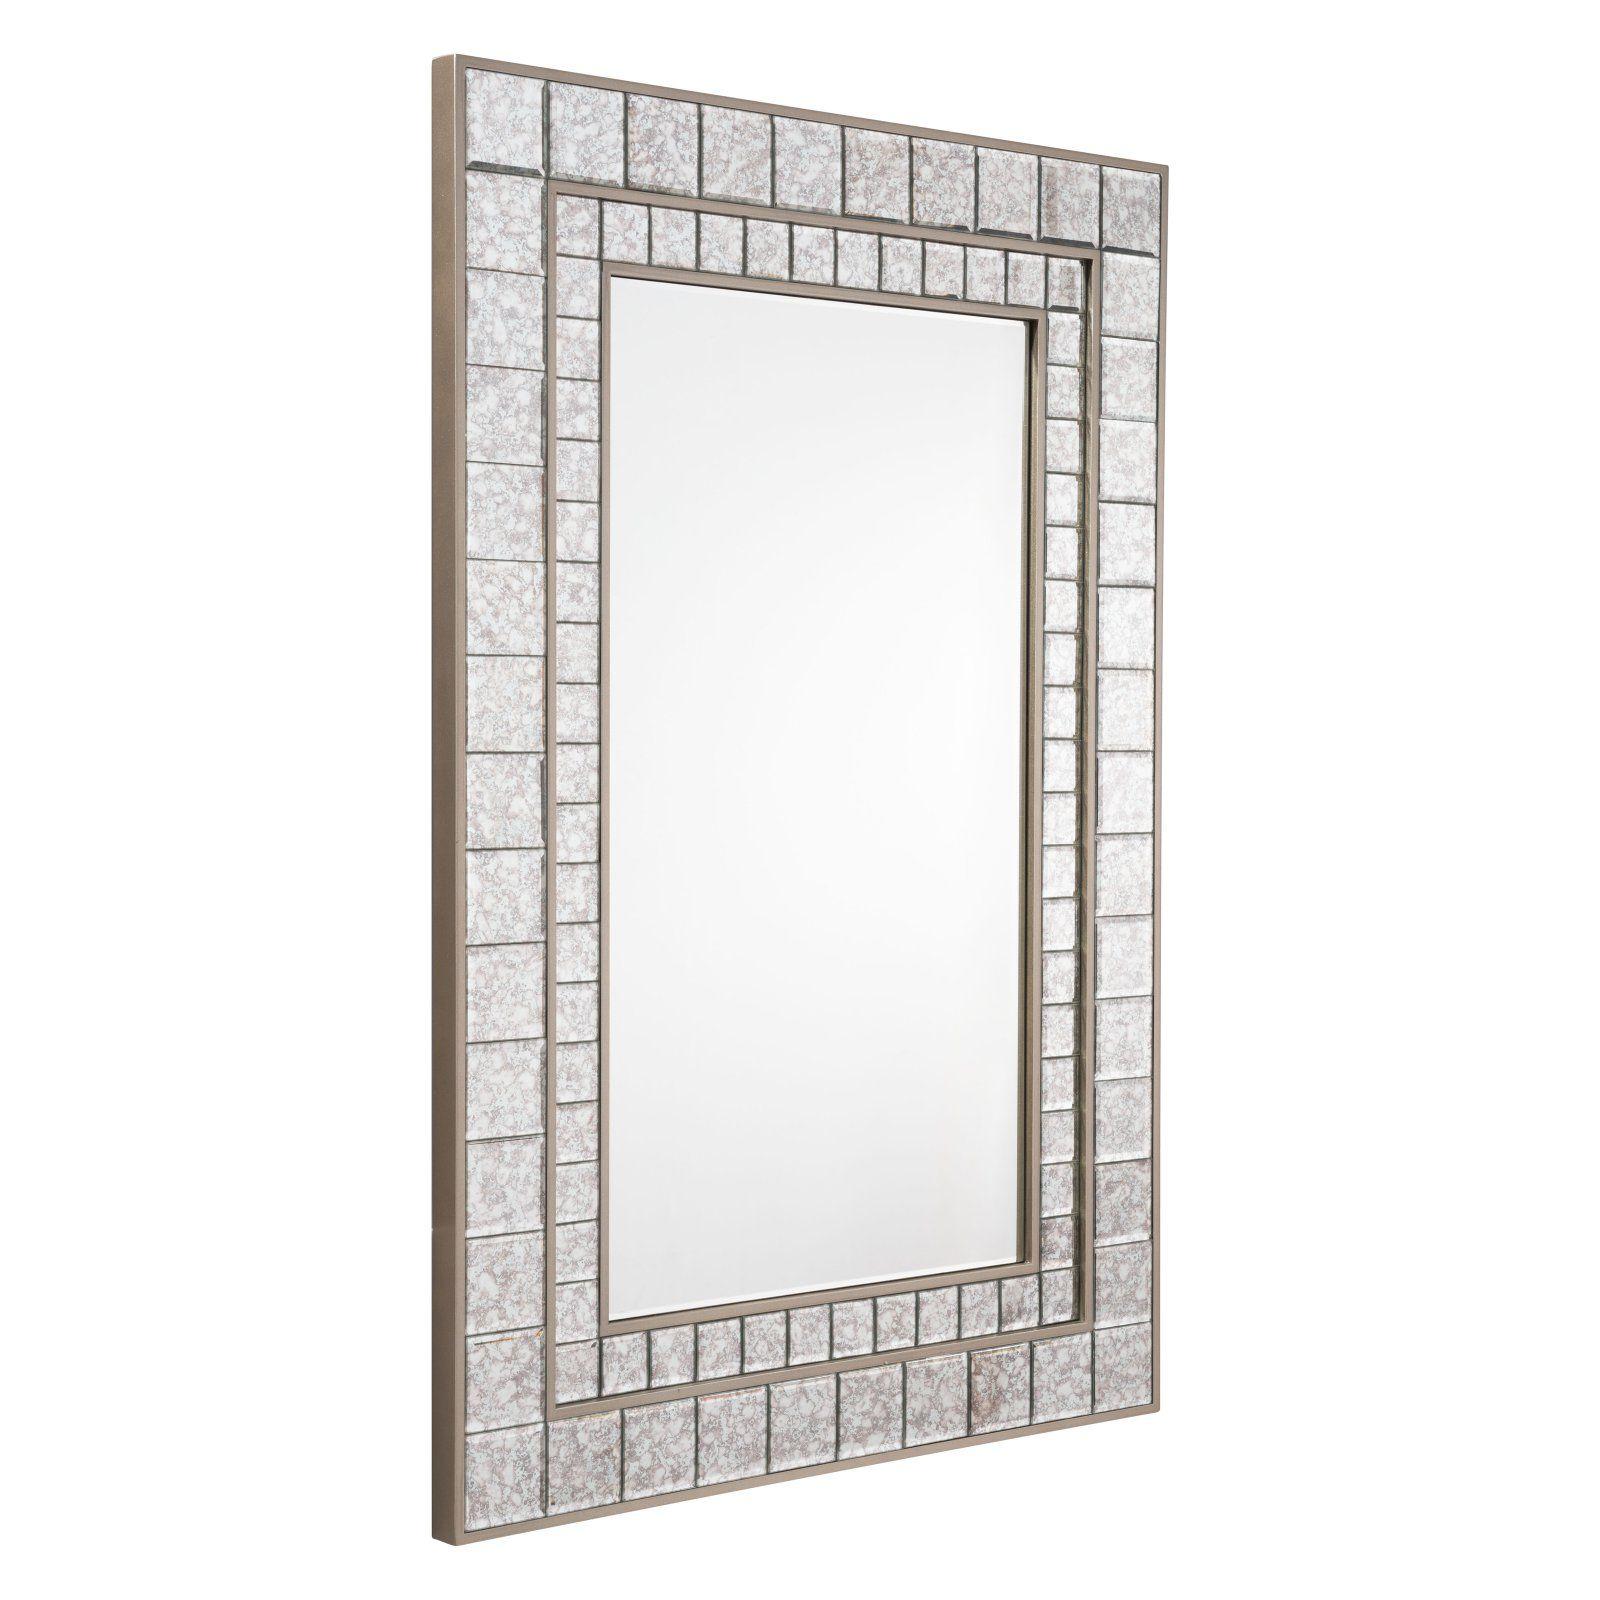 . Zuo Modern Contemporary Antique Square Mini Mirror Framed Mirror